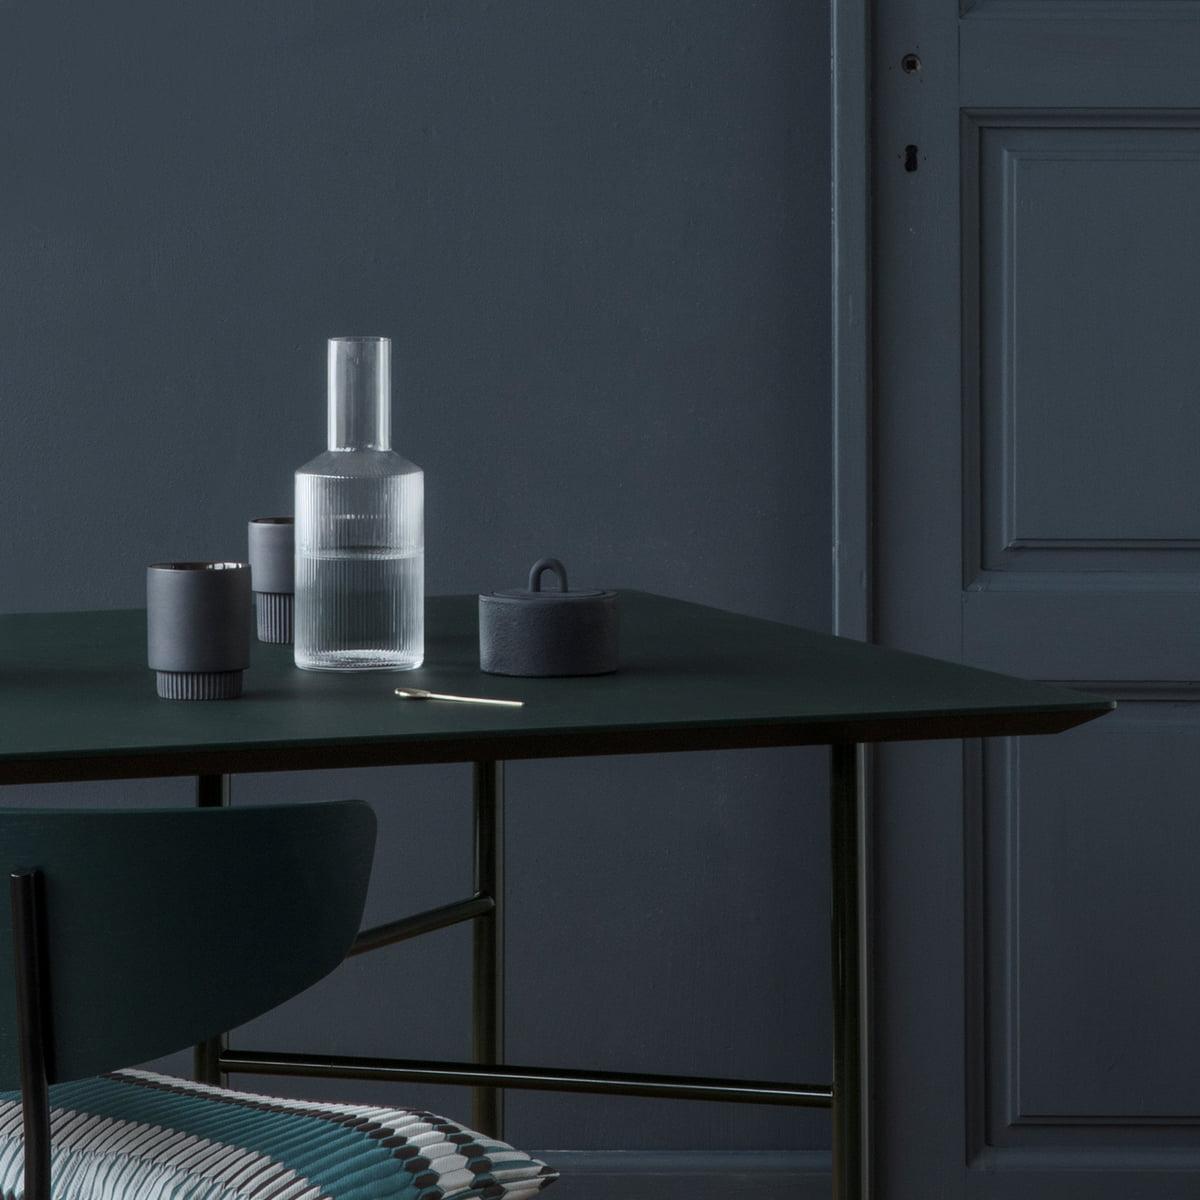 buckle jar by ferm living. Black Bedroom Furniture Sets. Home Design Ideas